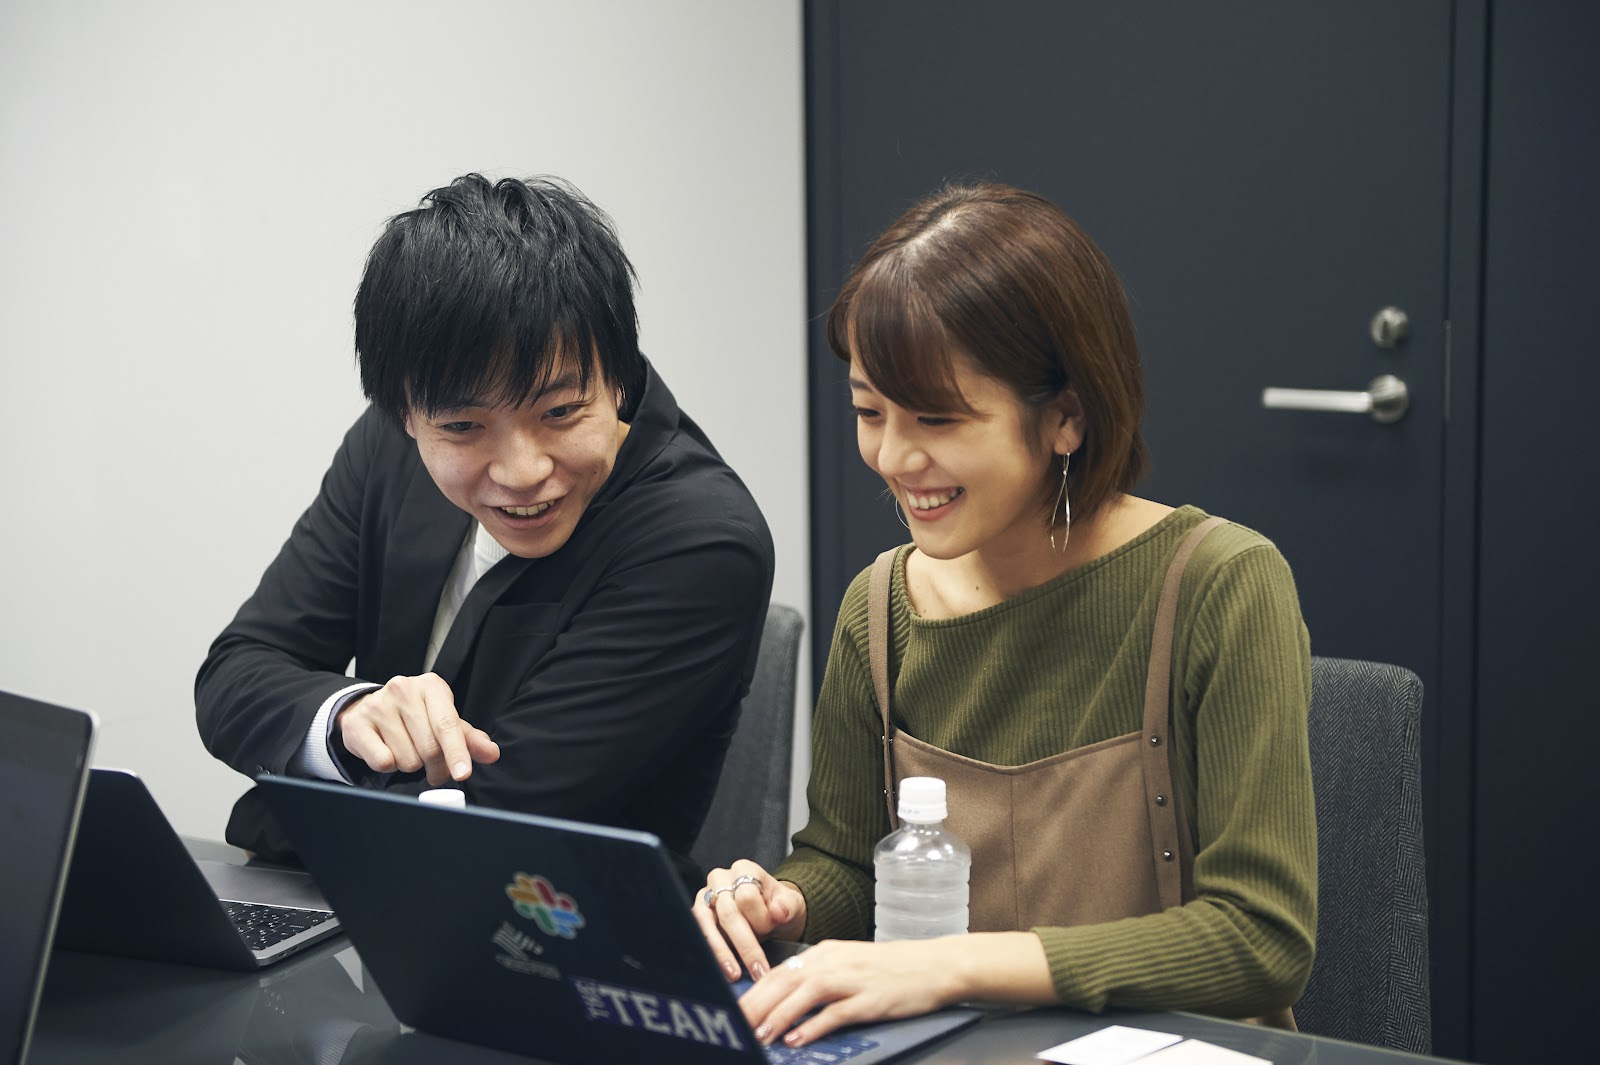 株式会社ユーザベースSPEEDA事業マーケティング担当 伊佐敷 一裕氏と斎藤可奈氏